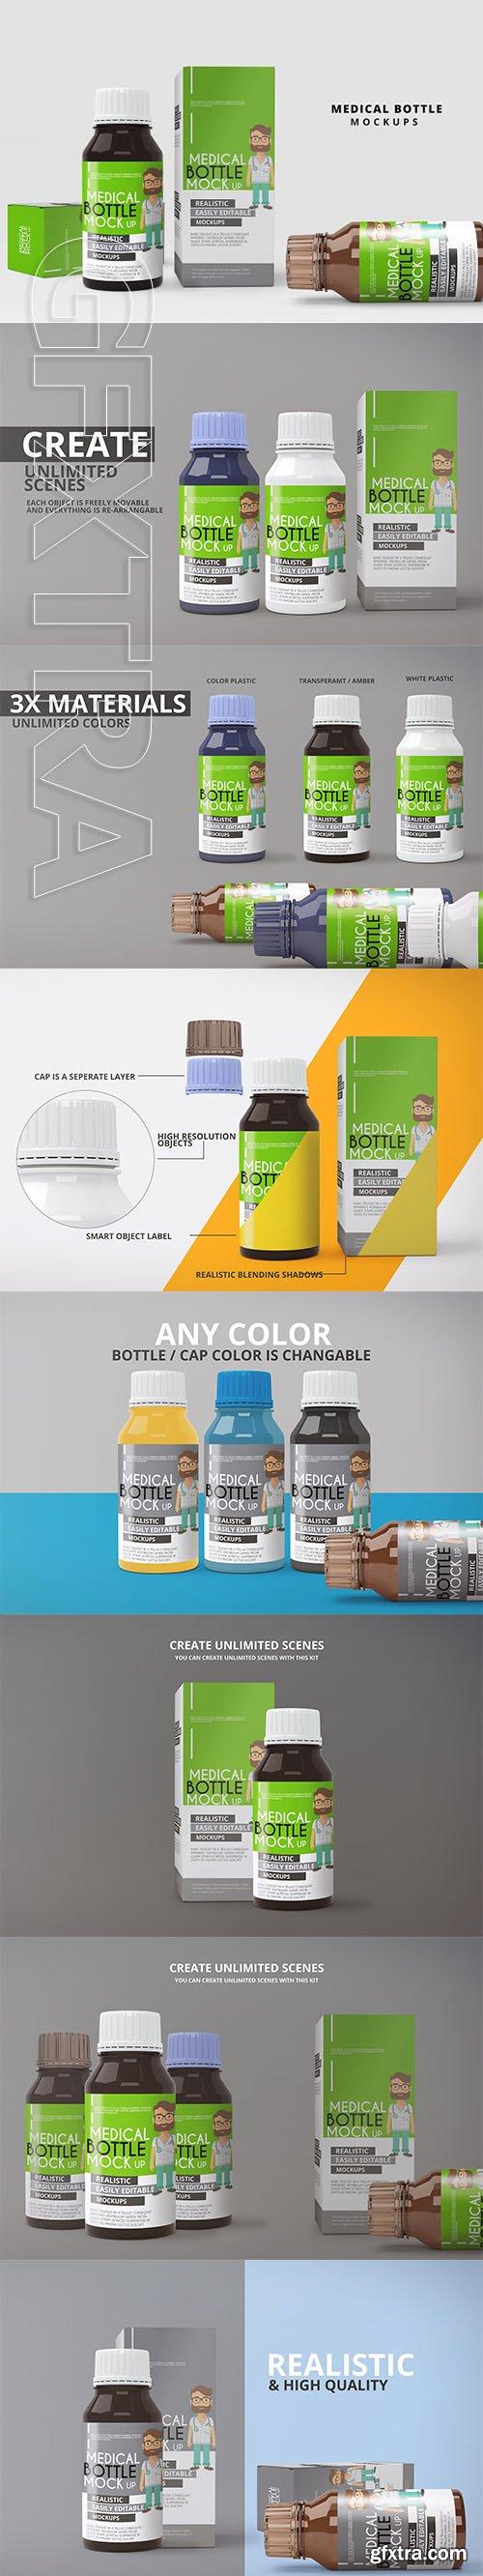 CreativeMarket - Medicine Bottle Mockup 2877153